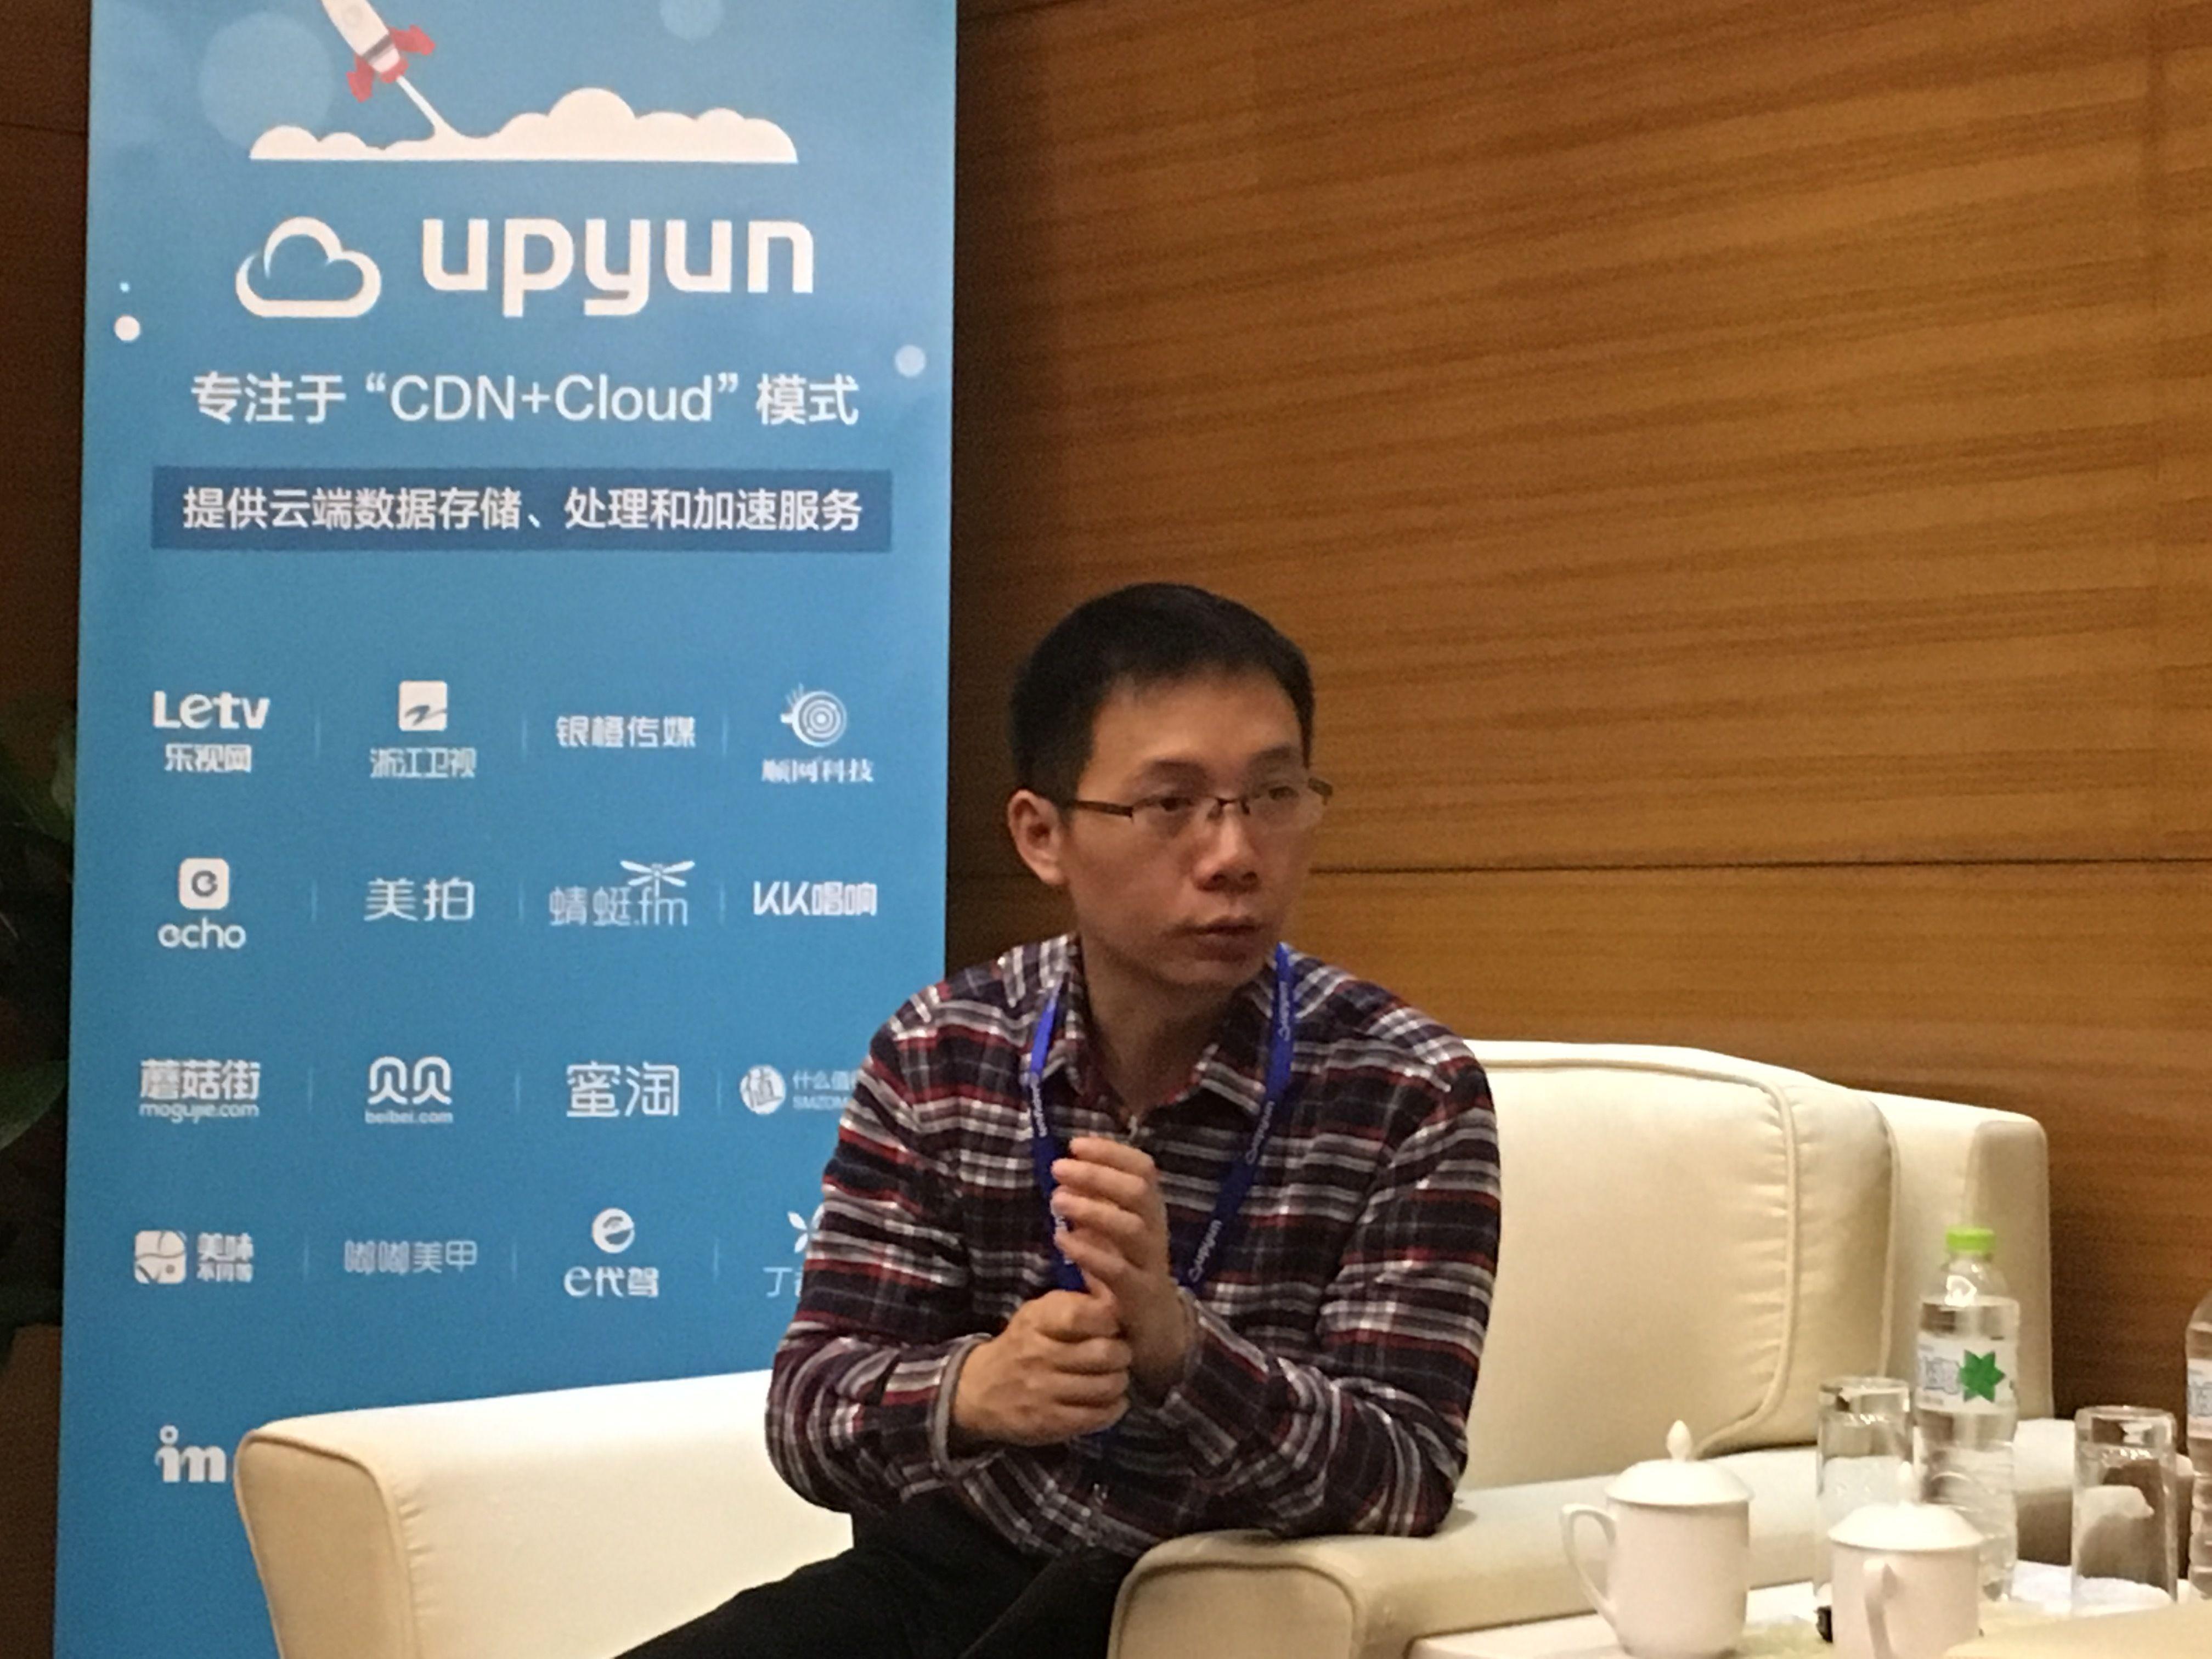 UPYUN 沈志华:2016 年,走向海外、视频直播将是 CDN 云服务新趋势